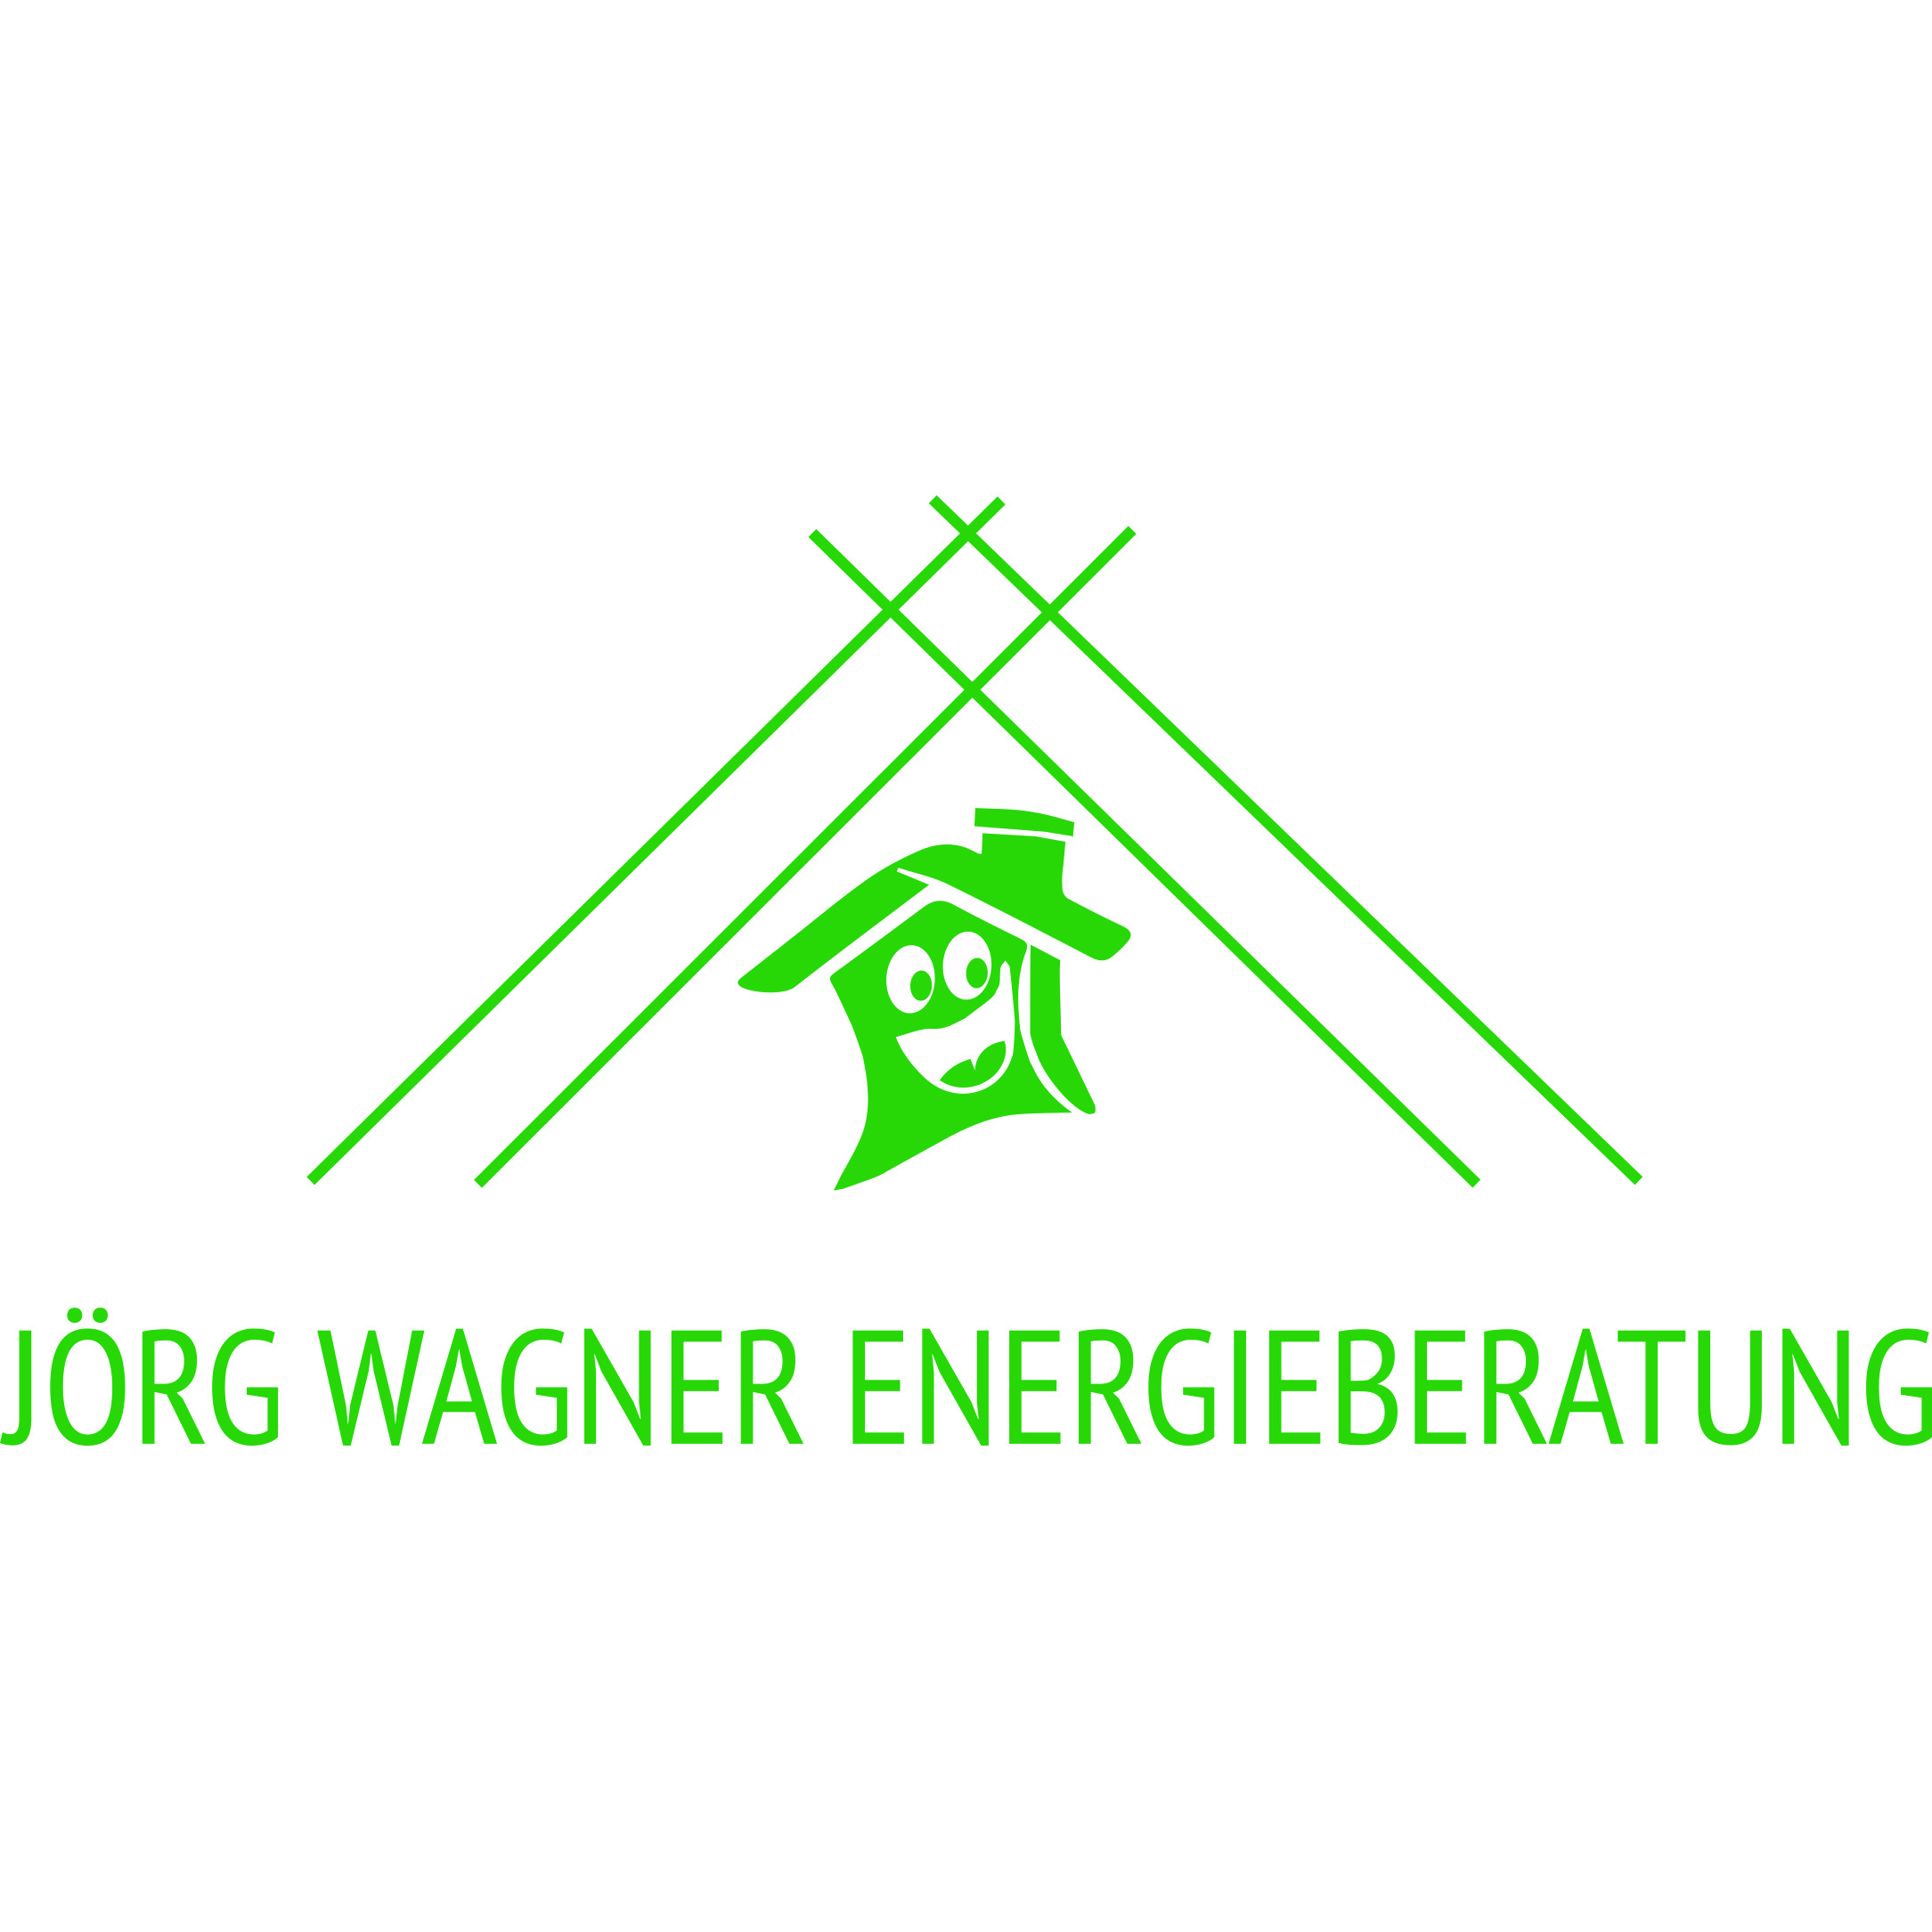 Jörg Wagner Energieberatung